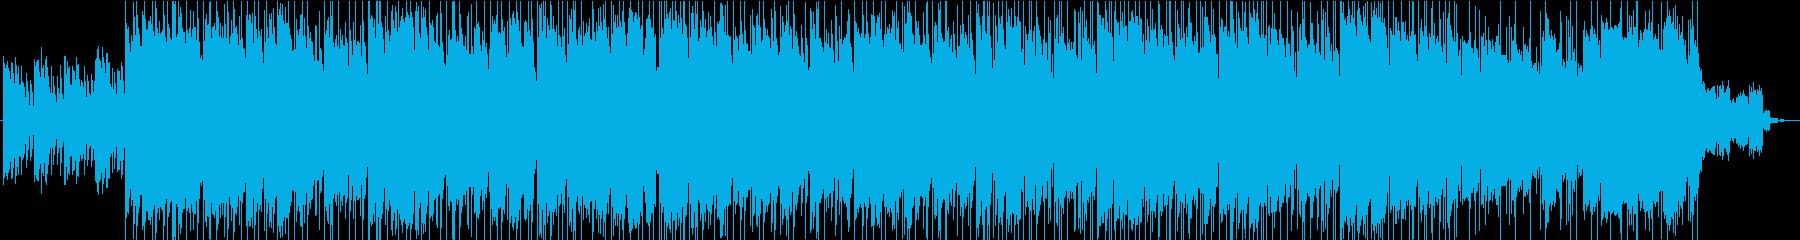 〜彷徨い〜暗闇の中を探検するようなBGMの再生済みの波形